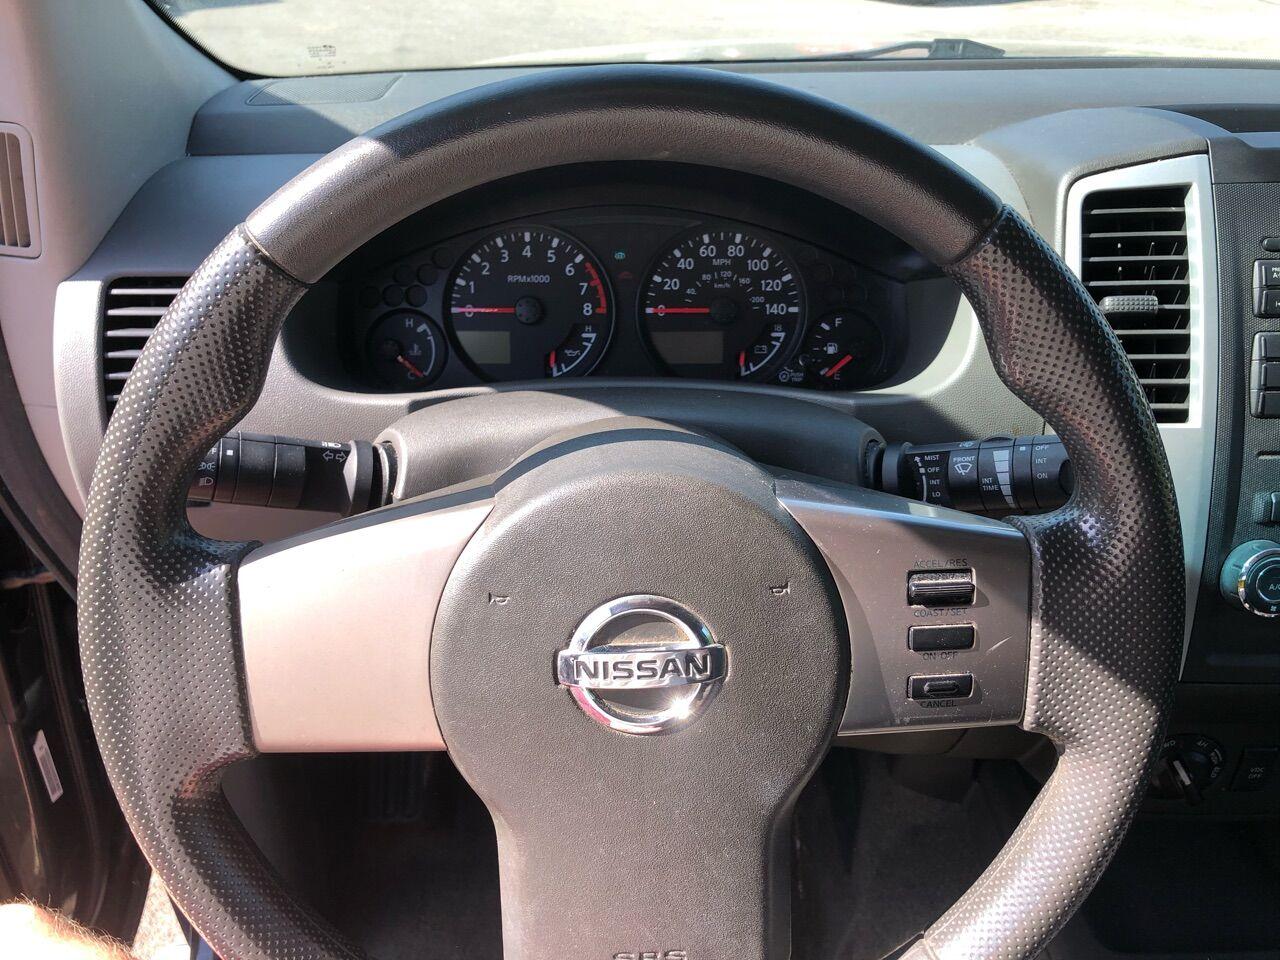 2009 Nissan Xterra Sport Utility